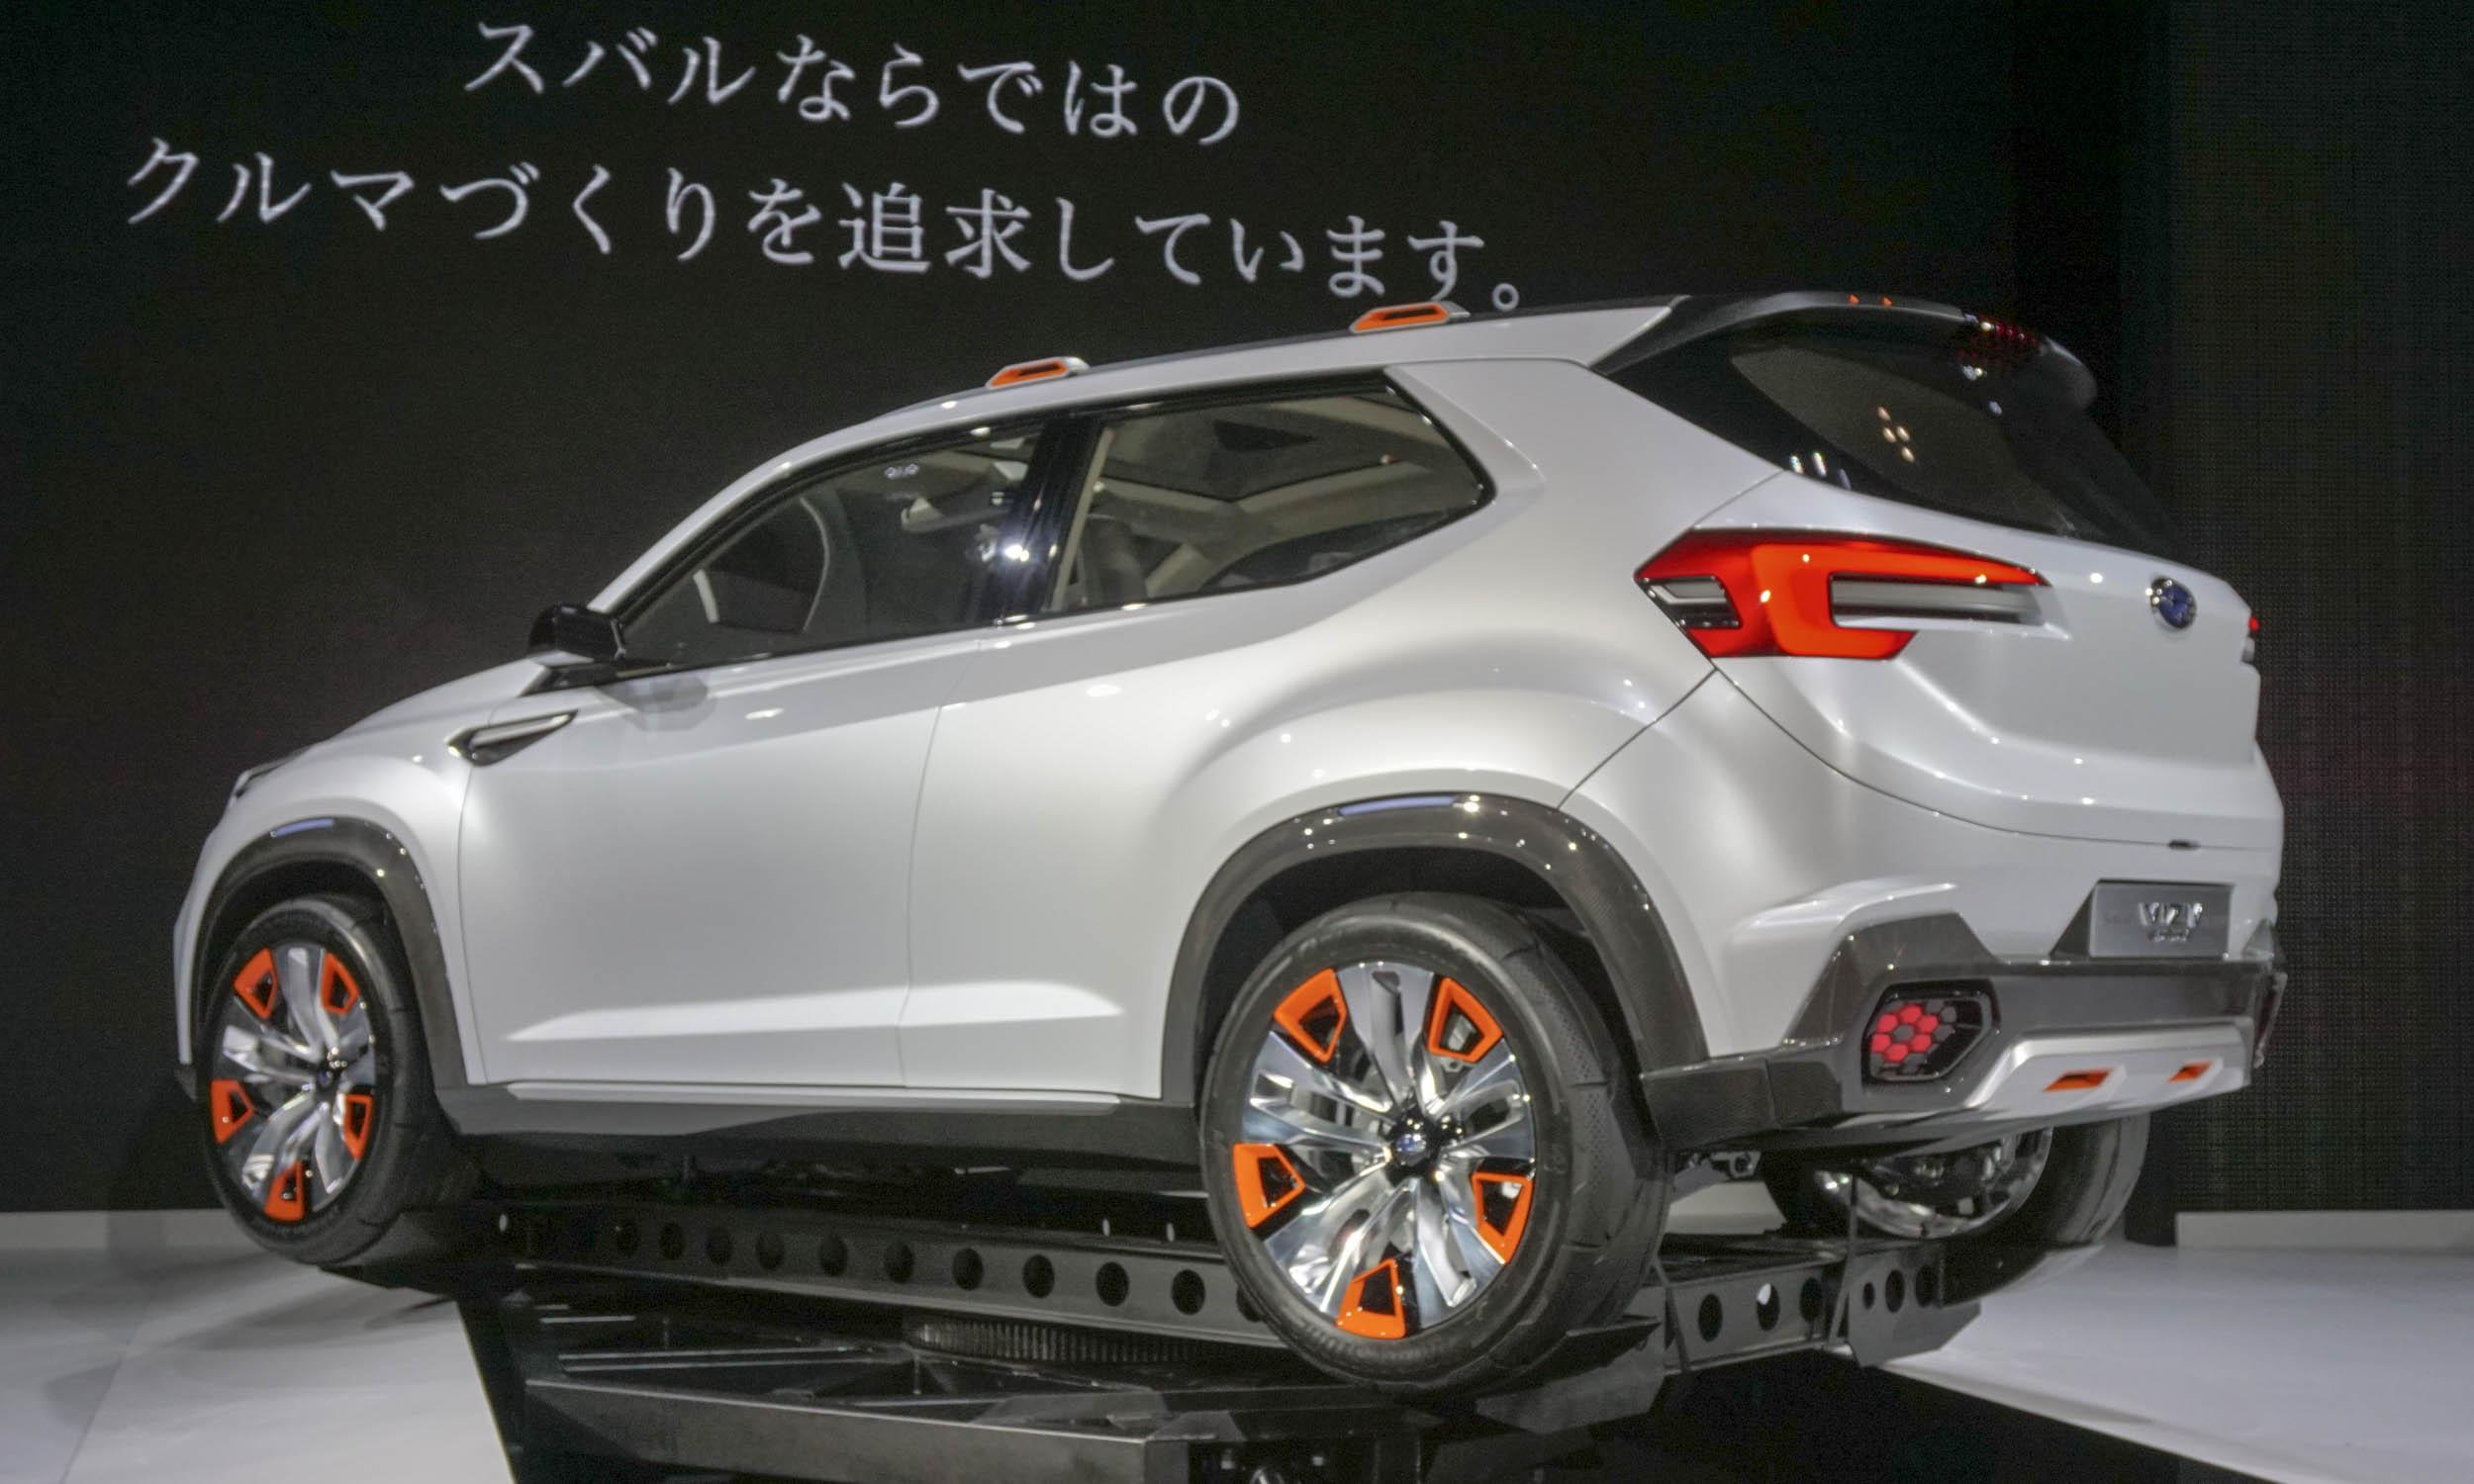 2015 Tokyo Motor Show Subaru Impreza Viziv Concepts